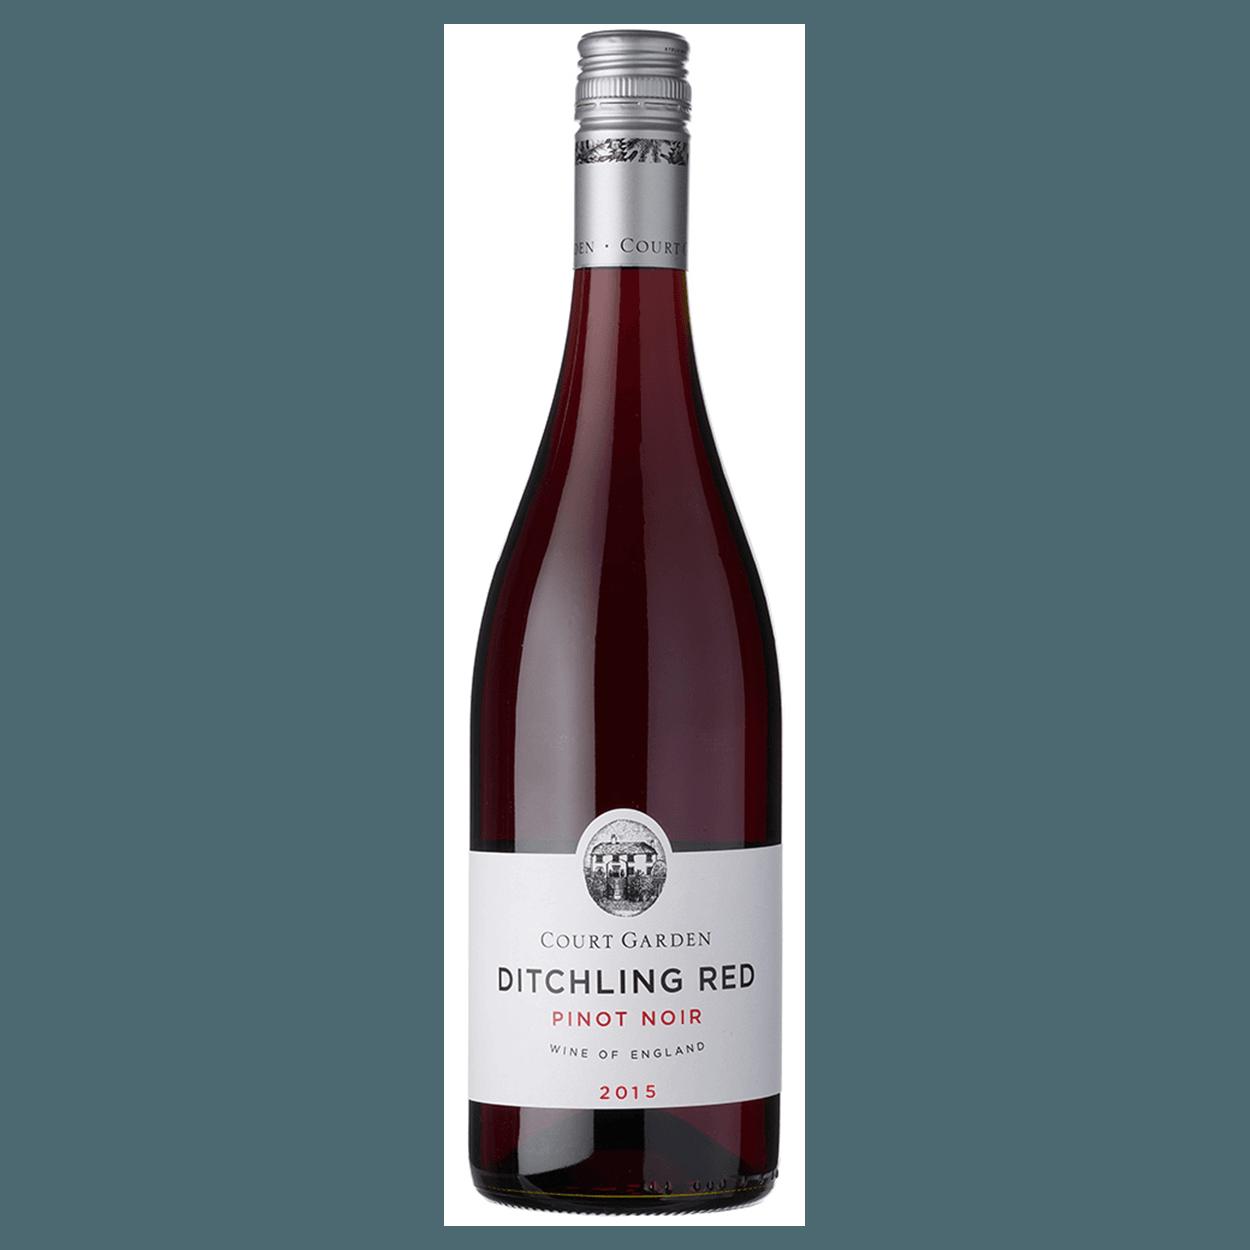 Court Garden Ditchling Pinot Noir 2018 bottle shot English wine